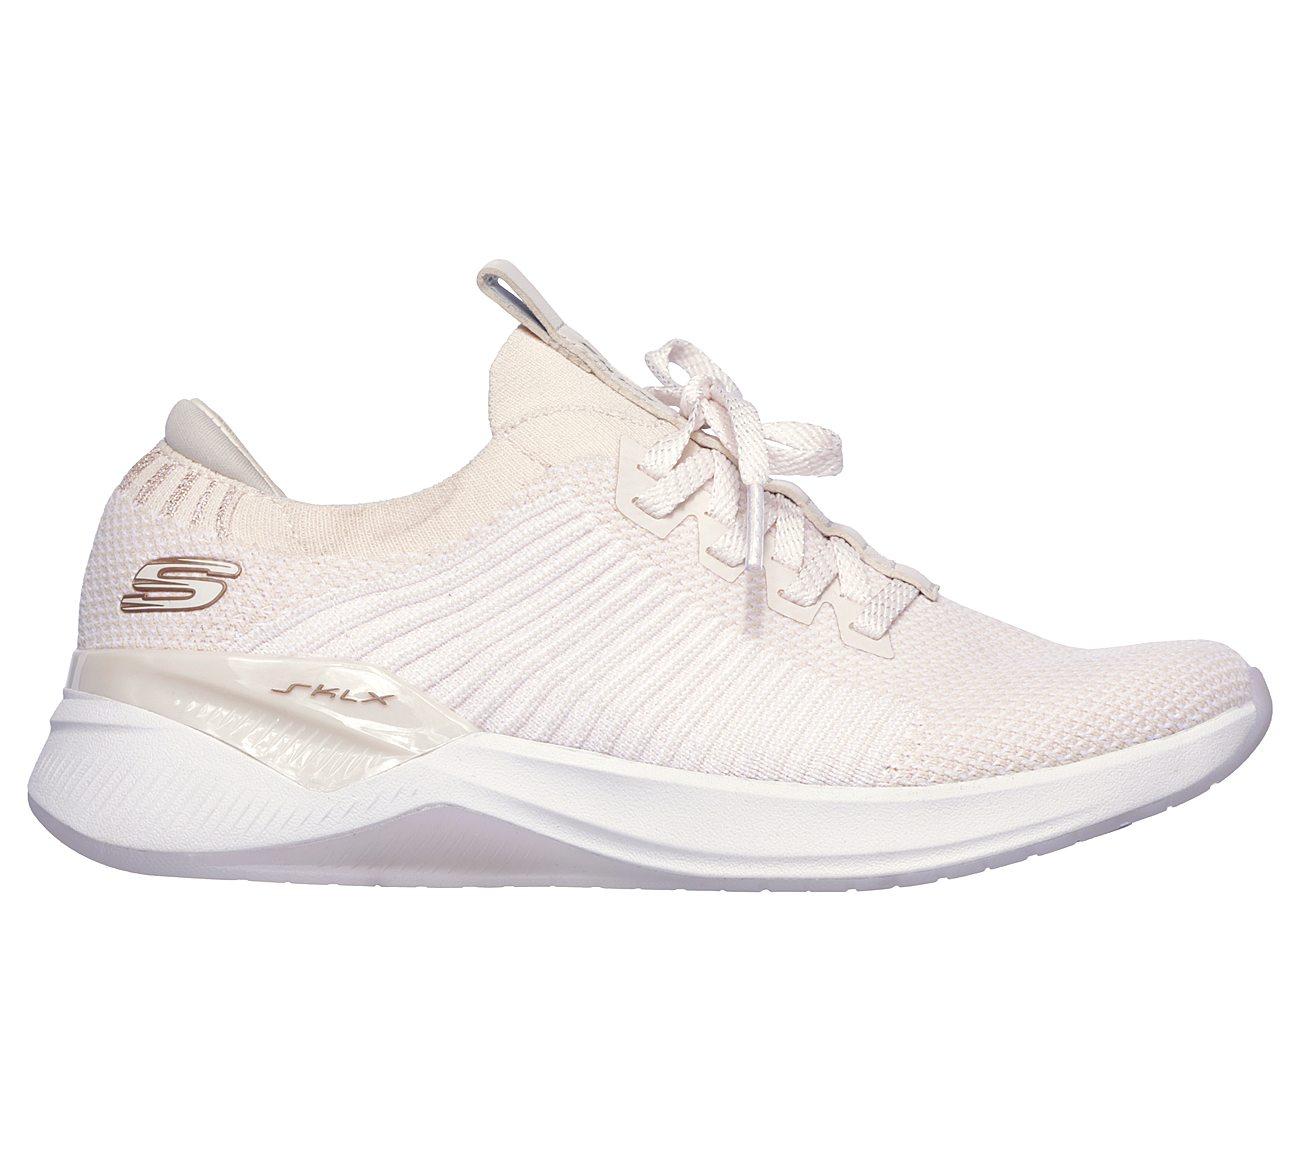 skechers sneakers cheap